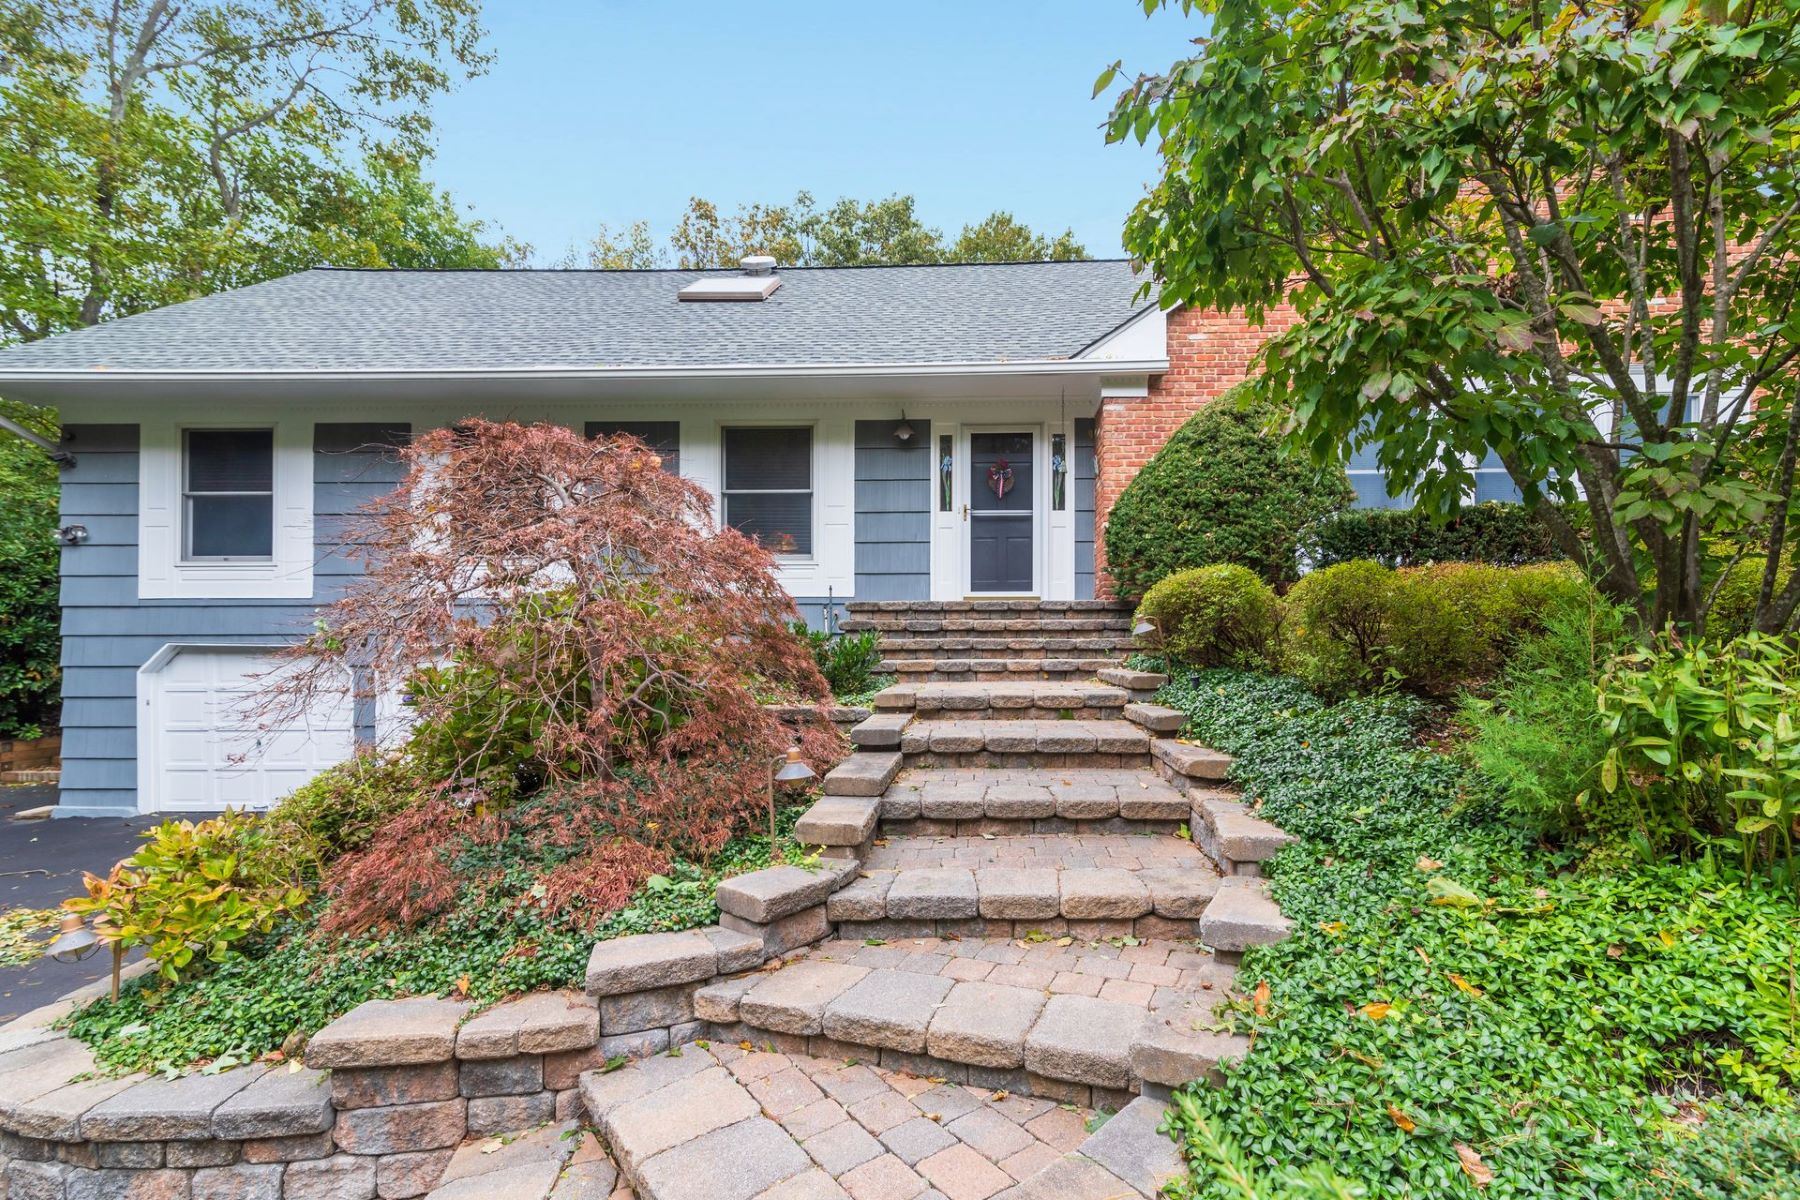 Single Family Homes für Verkauf beim Cold Spring Hrbr 8 Thicket Dr, Cold Spring Harbor, New York 11724 Vereinigte Staaten